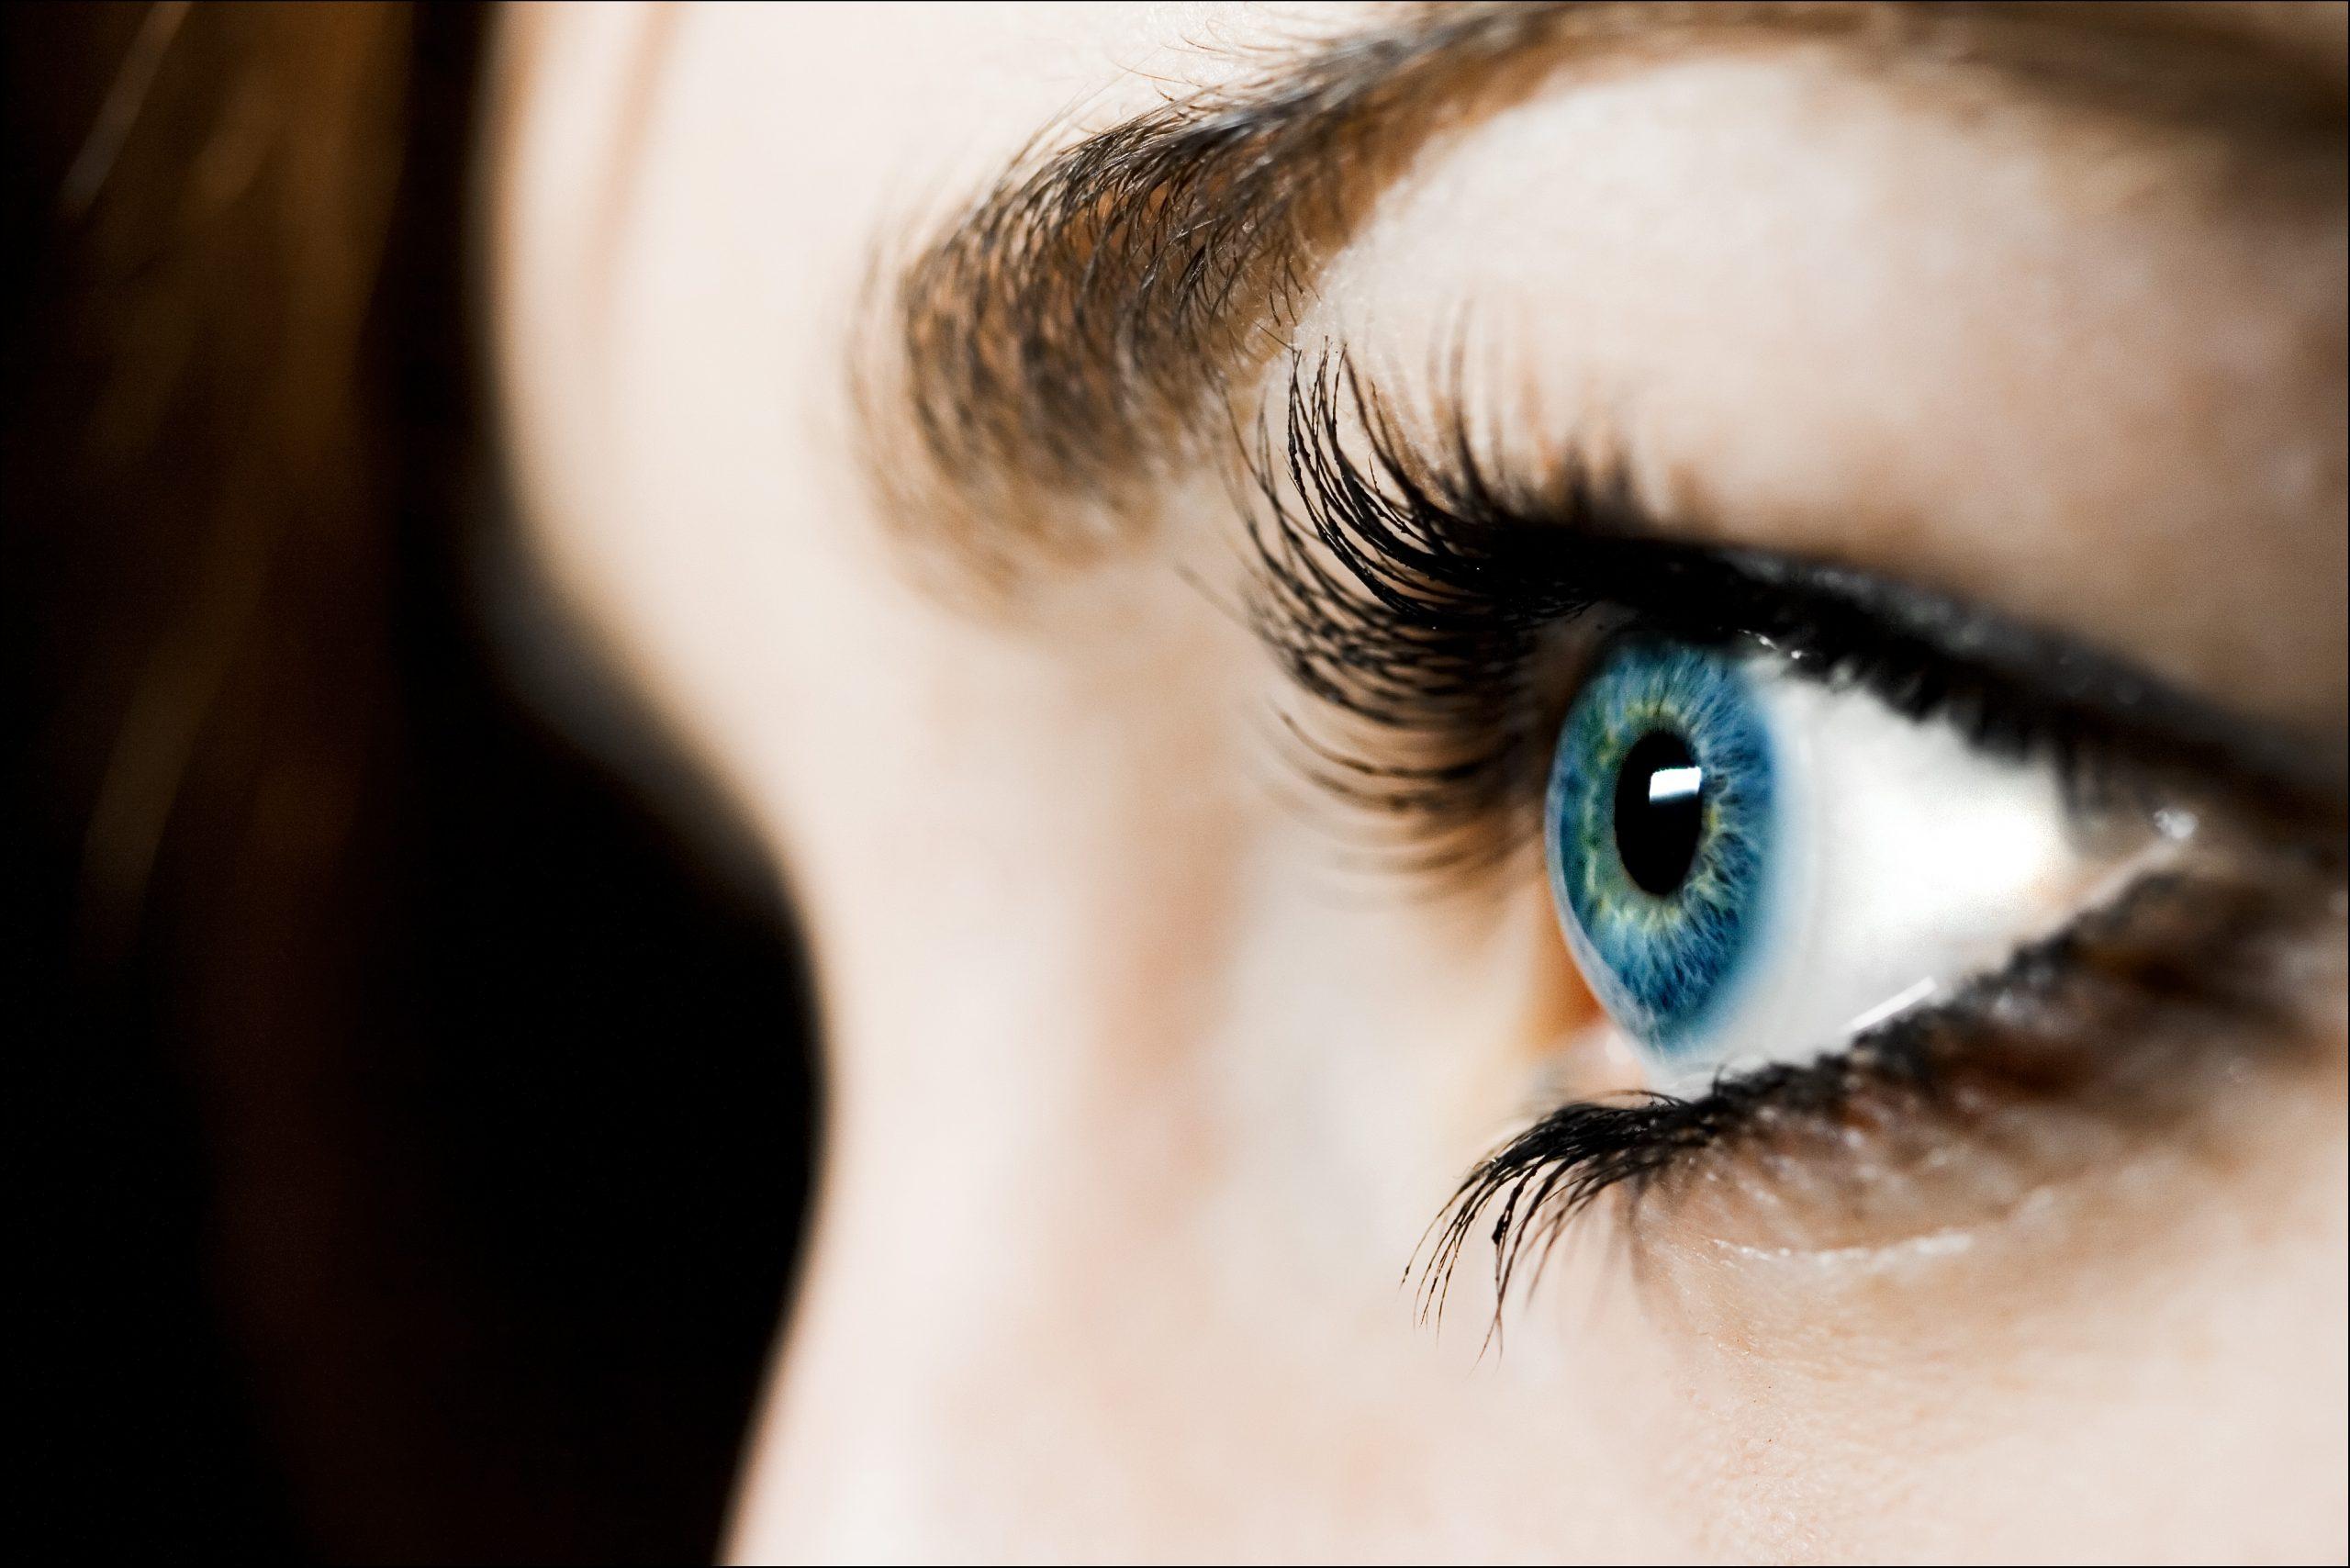 színes kontaktlencse